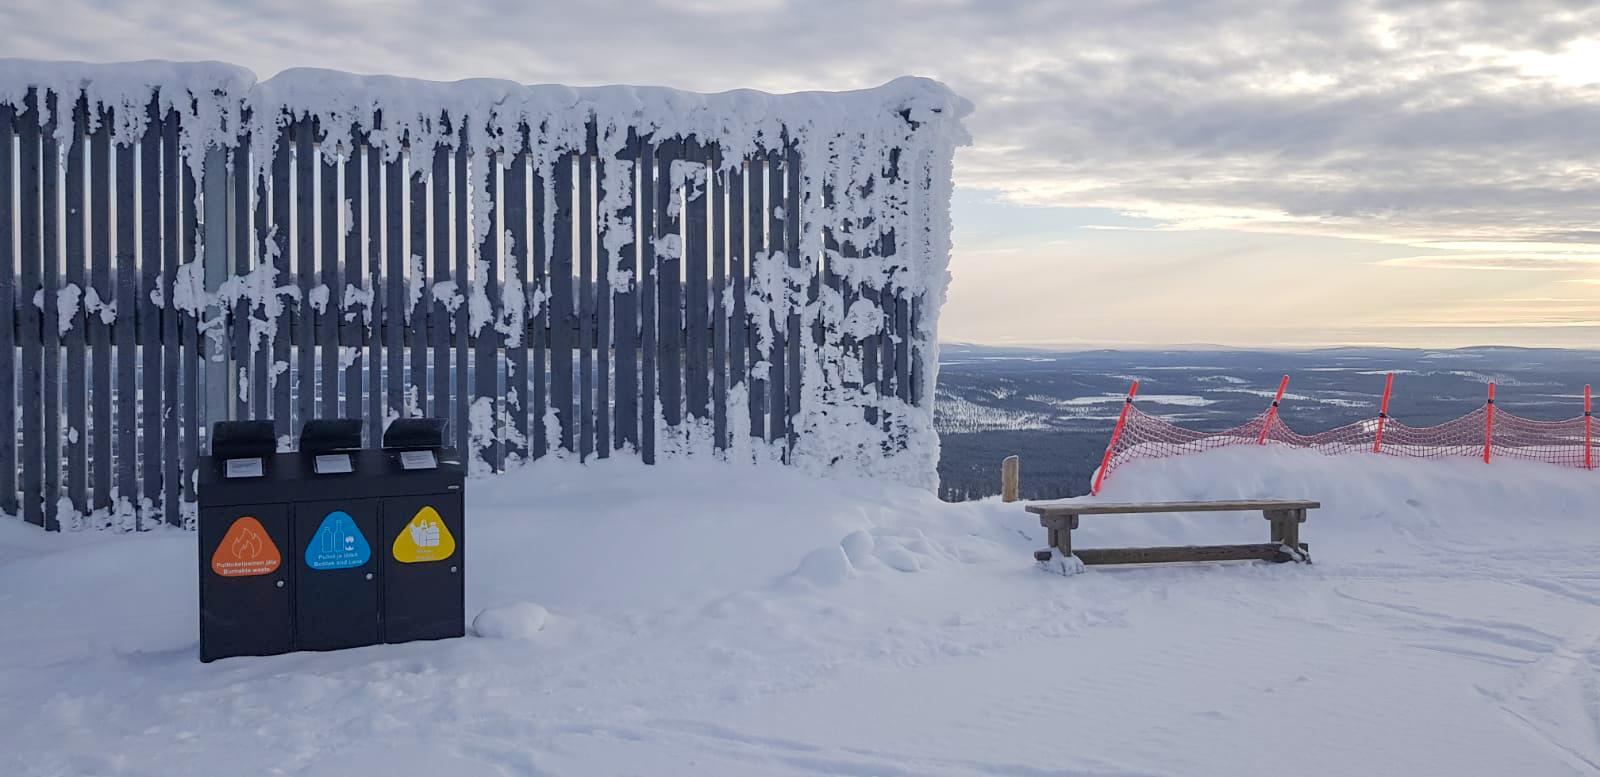 Levi Ski Resort jätteiden lajittelu